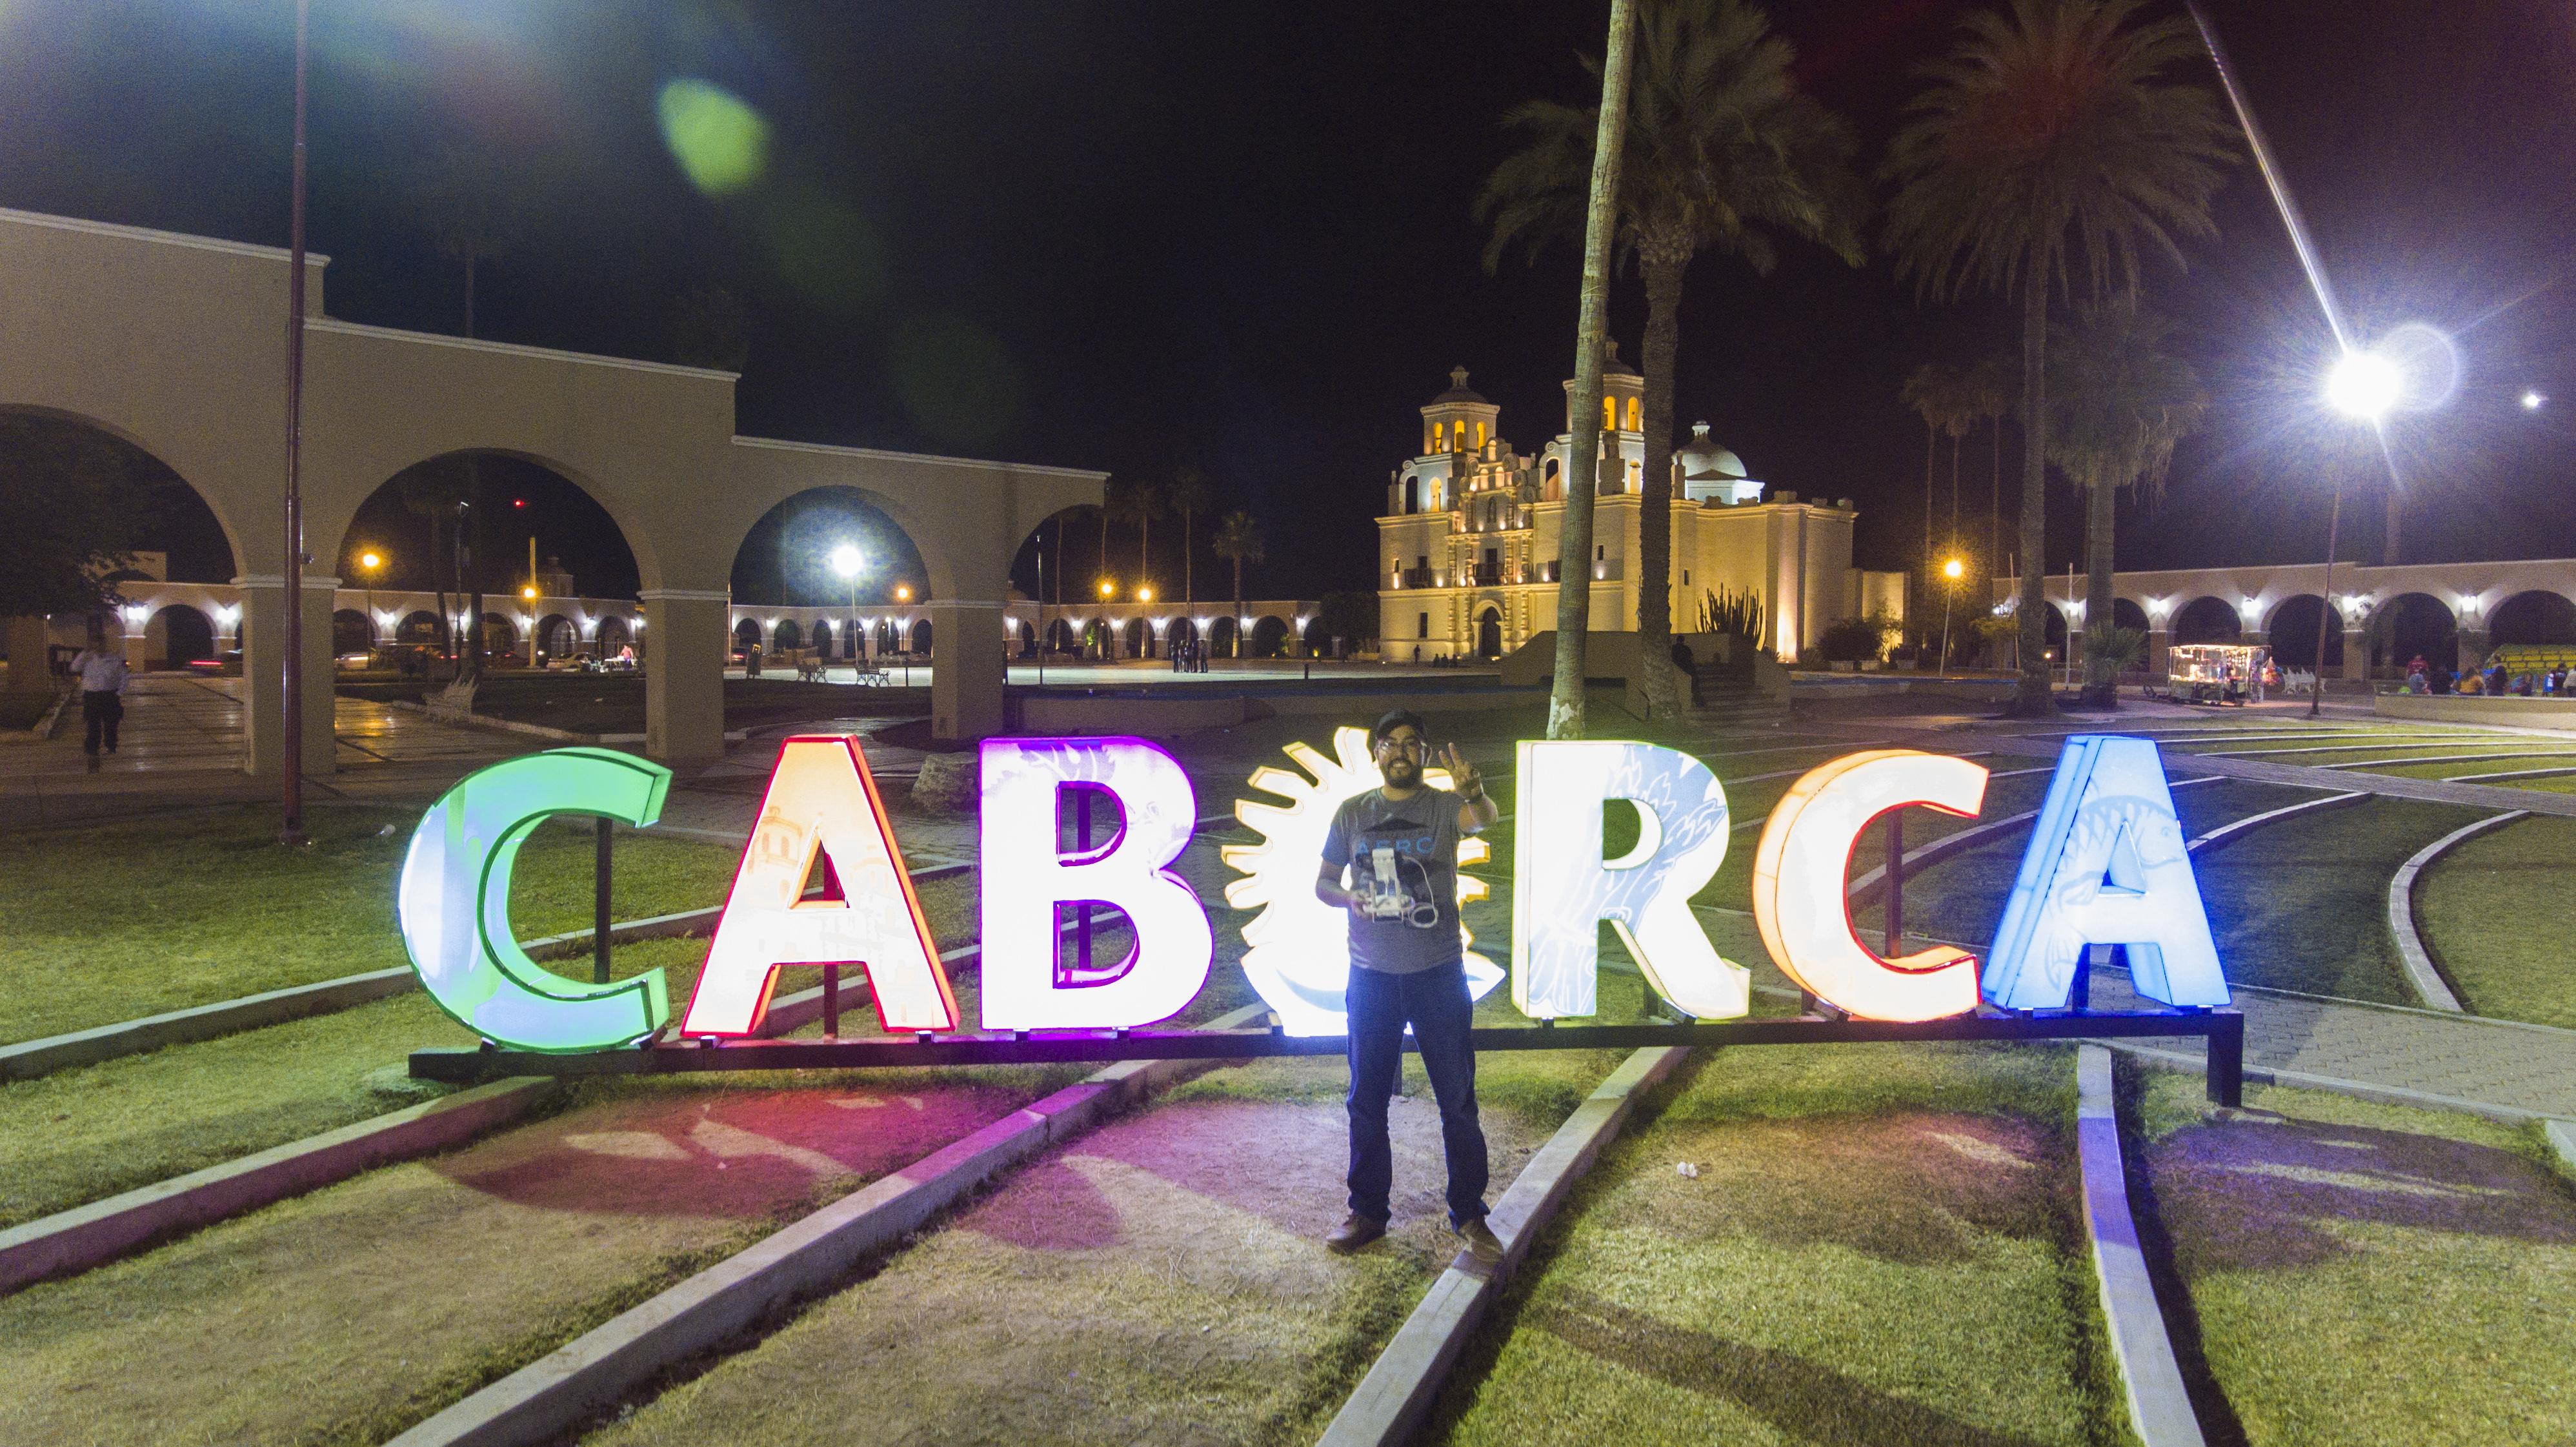 Letras iluminadas en Caborca mario ruiz madrigal